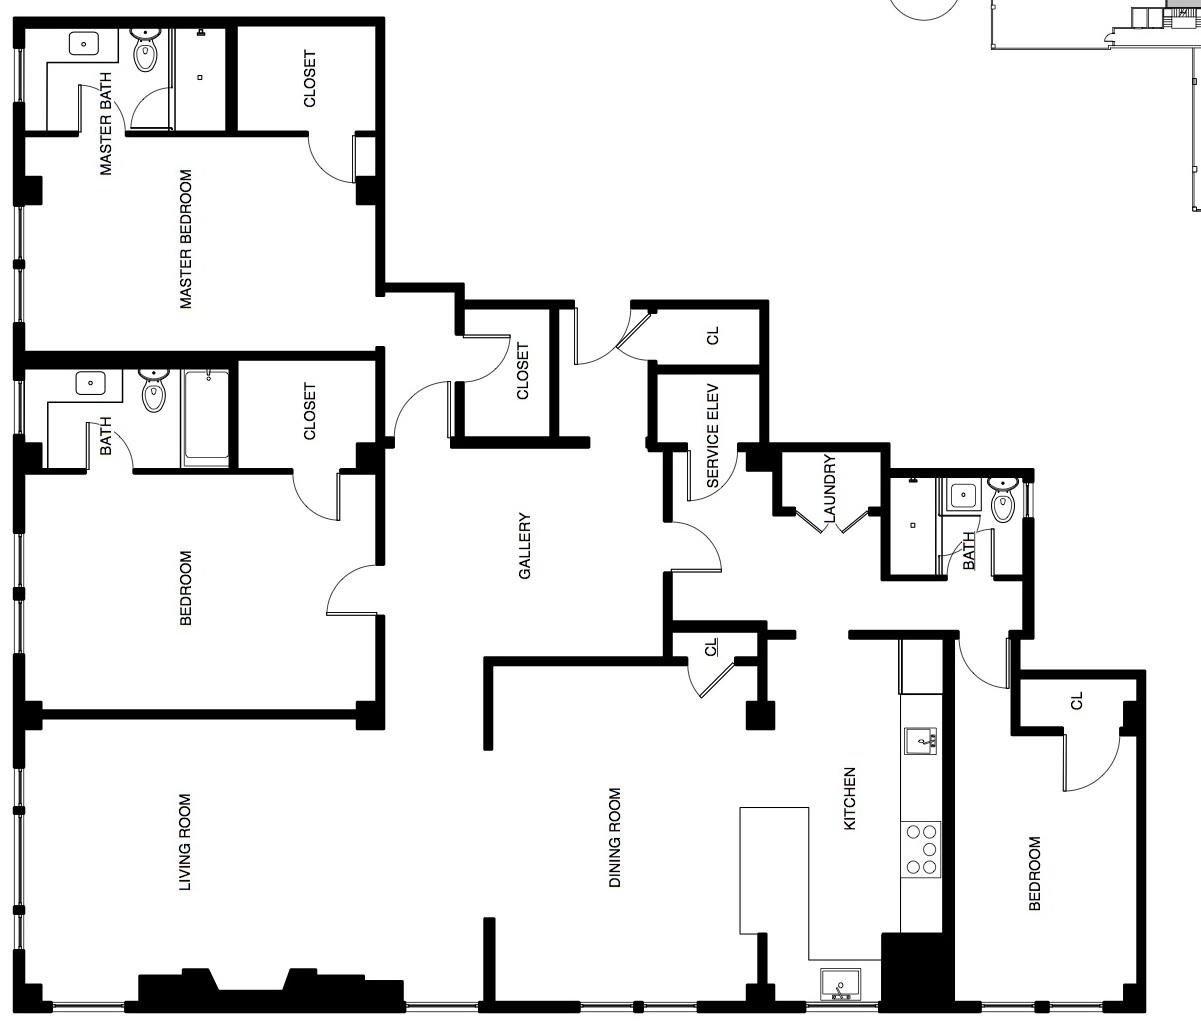 3 bedroom, 3 bath, Unit 304